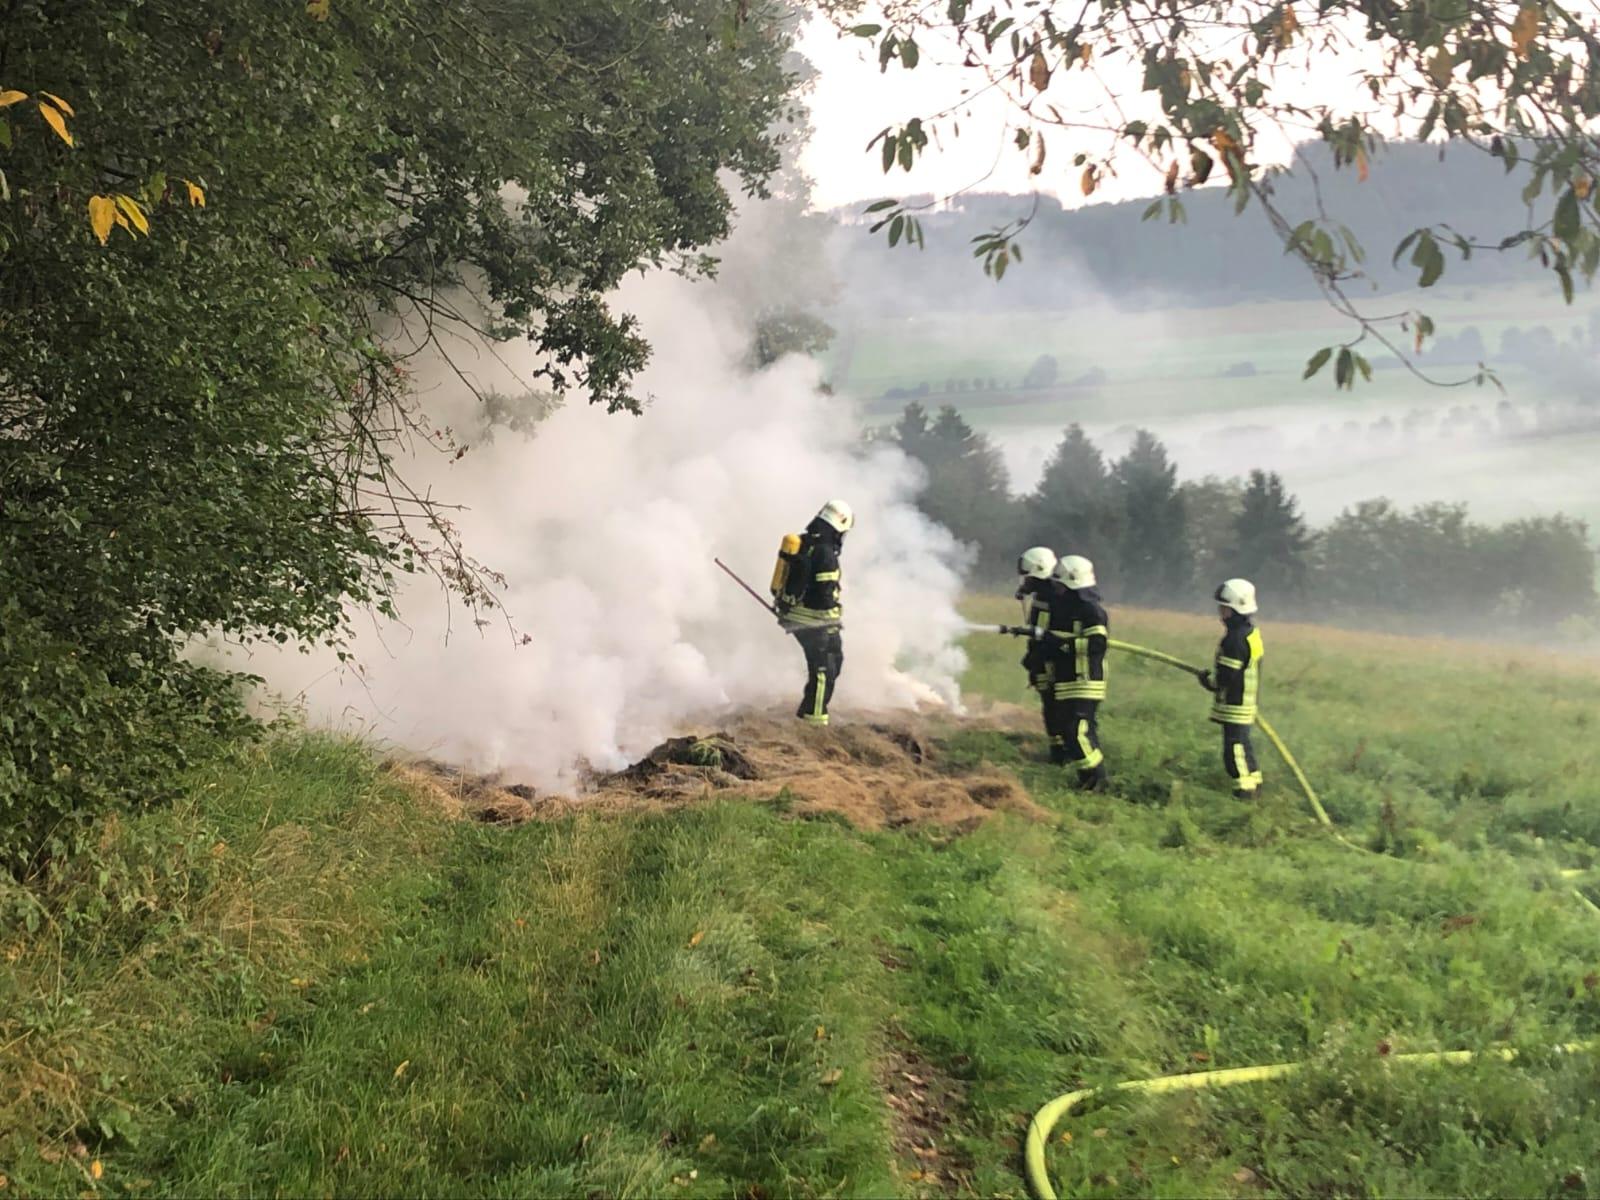 F1 – Brennt Heu/Strohballen in Eiershausen